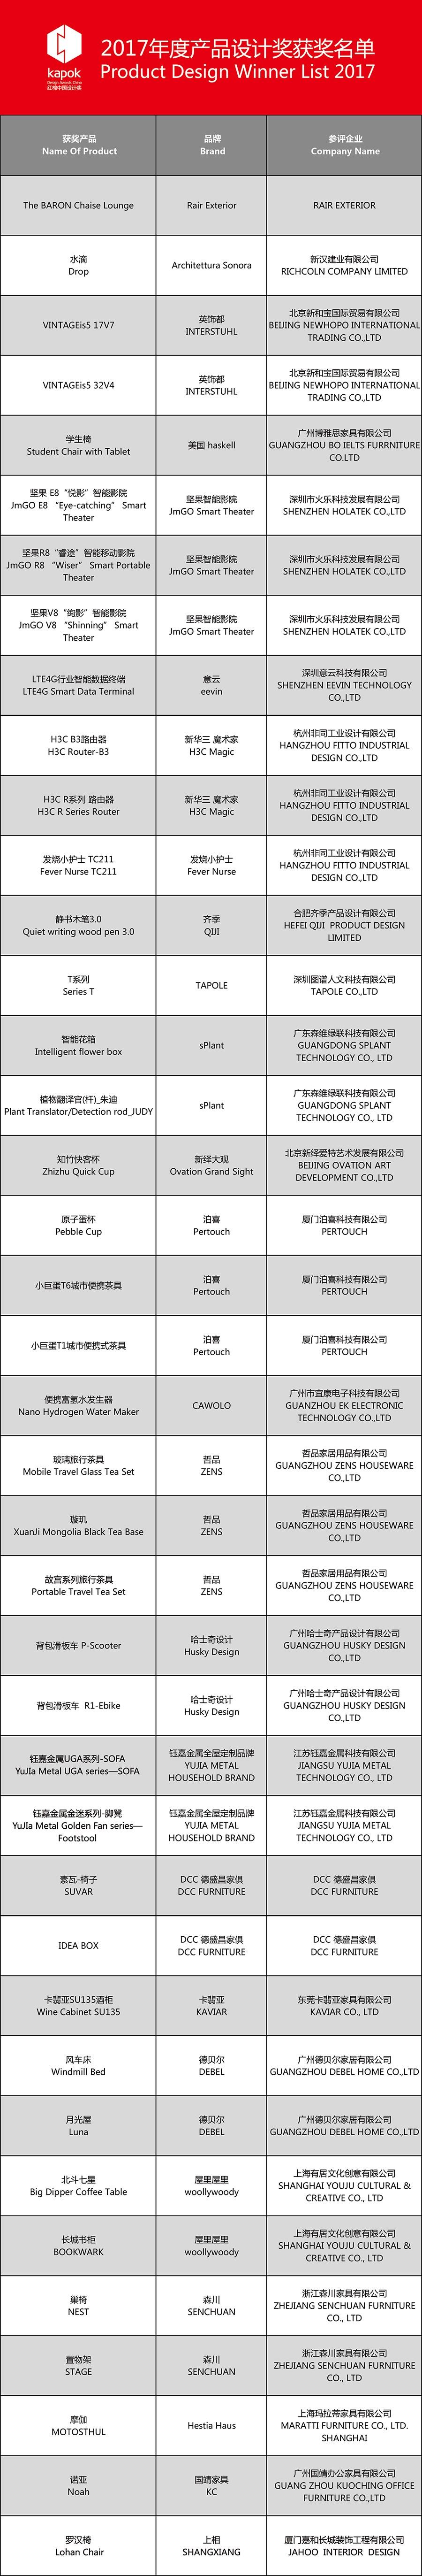 2017骞村害浜у搧璁捐濂?鑾峰鍚嶅崟-01.jpg